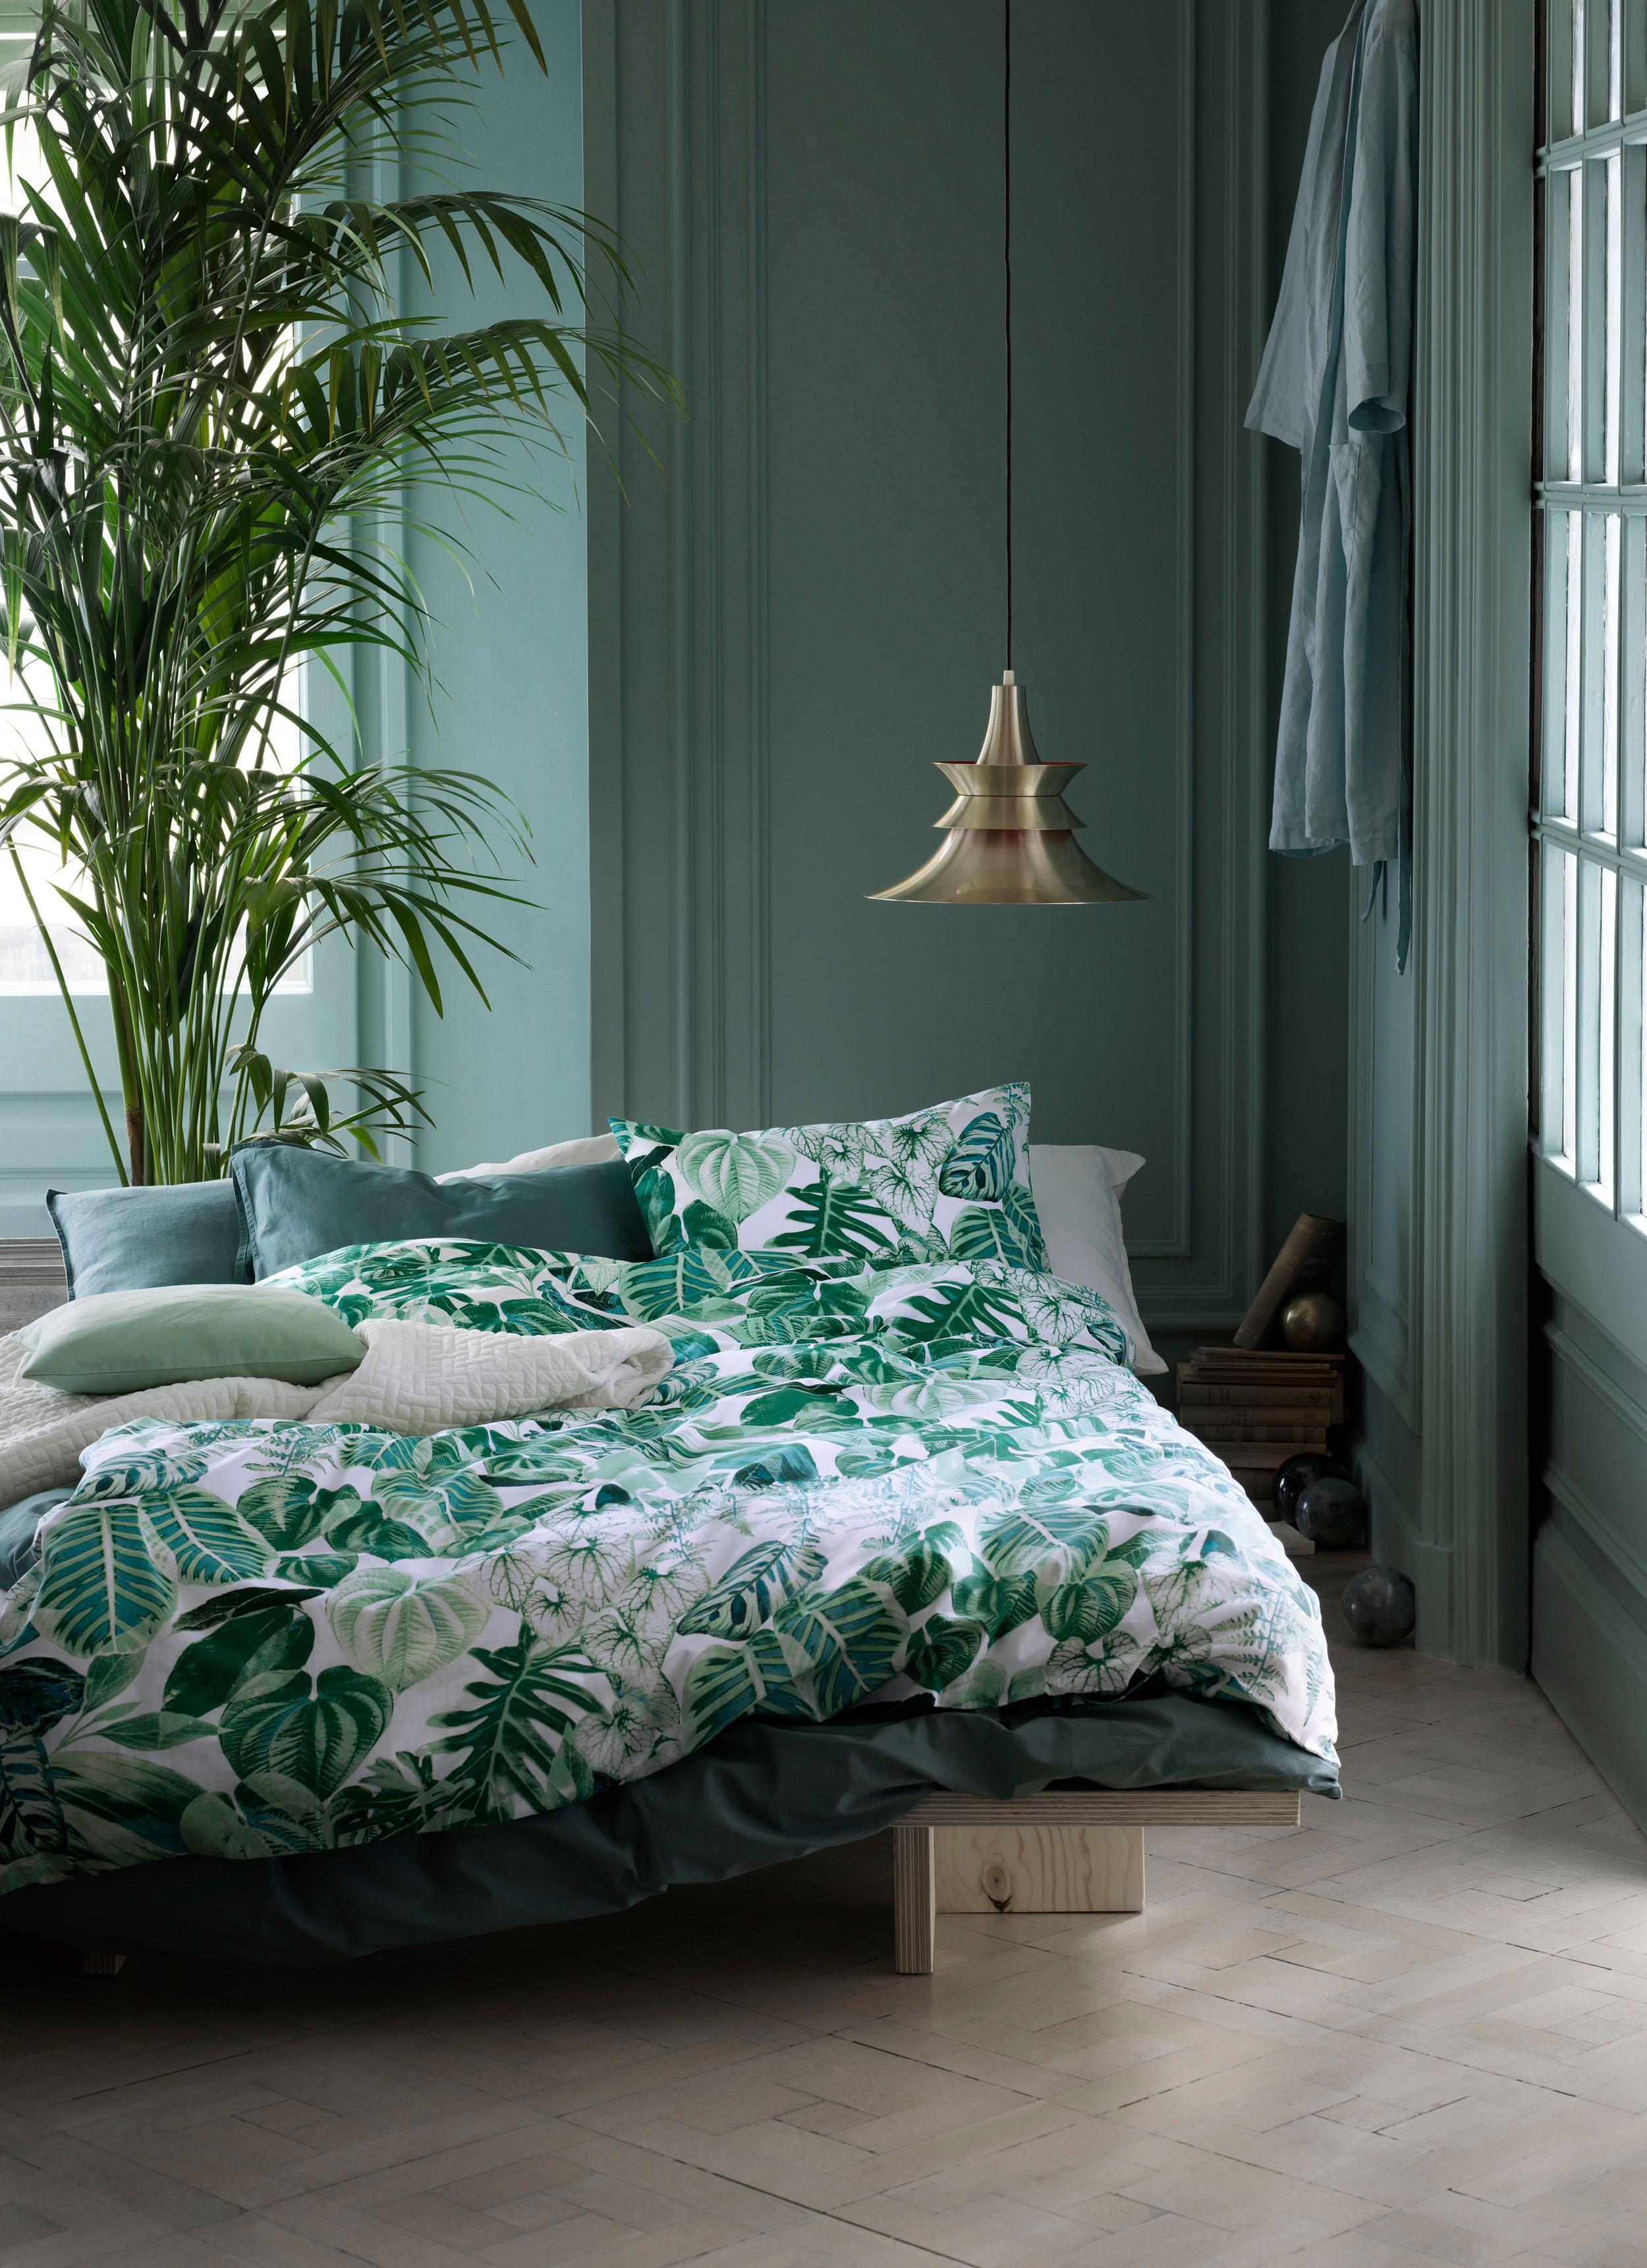 Grünpflanze Im Schlafzimmer #bett #pendelleuchte #schlafzimmergestalten  #schlafzimmerbeleuchtung #zimmergestaltung ©Hu0026amp;